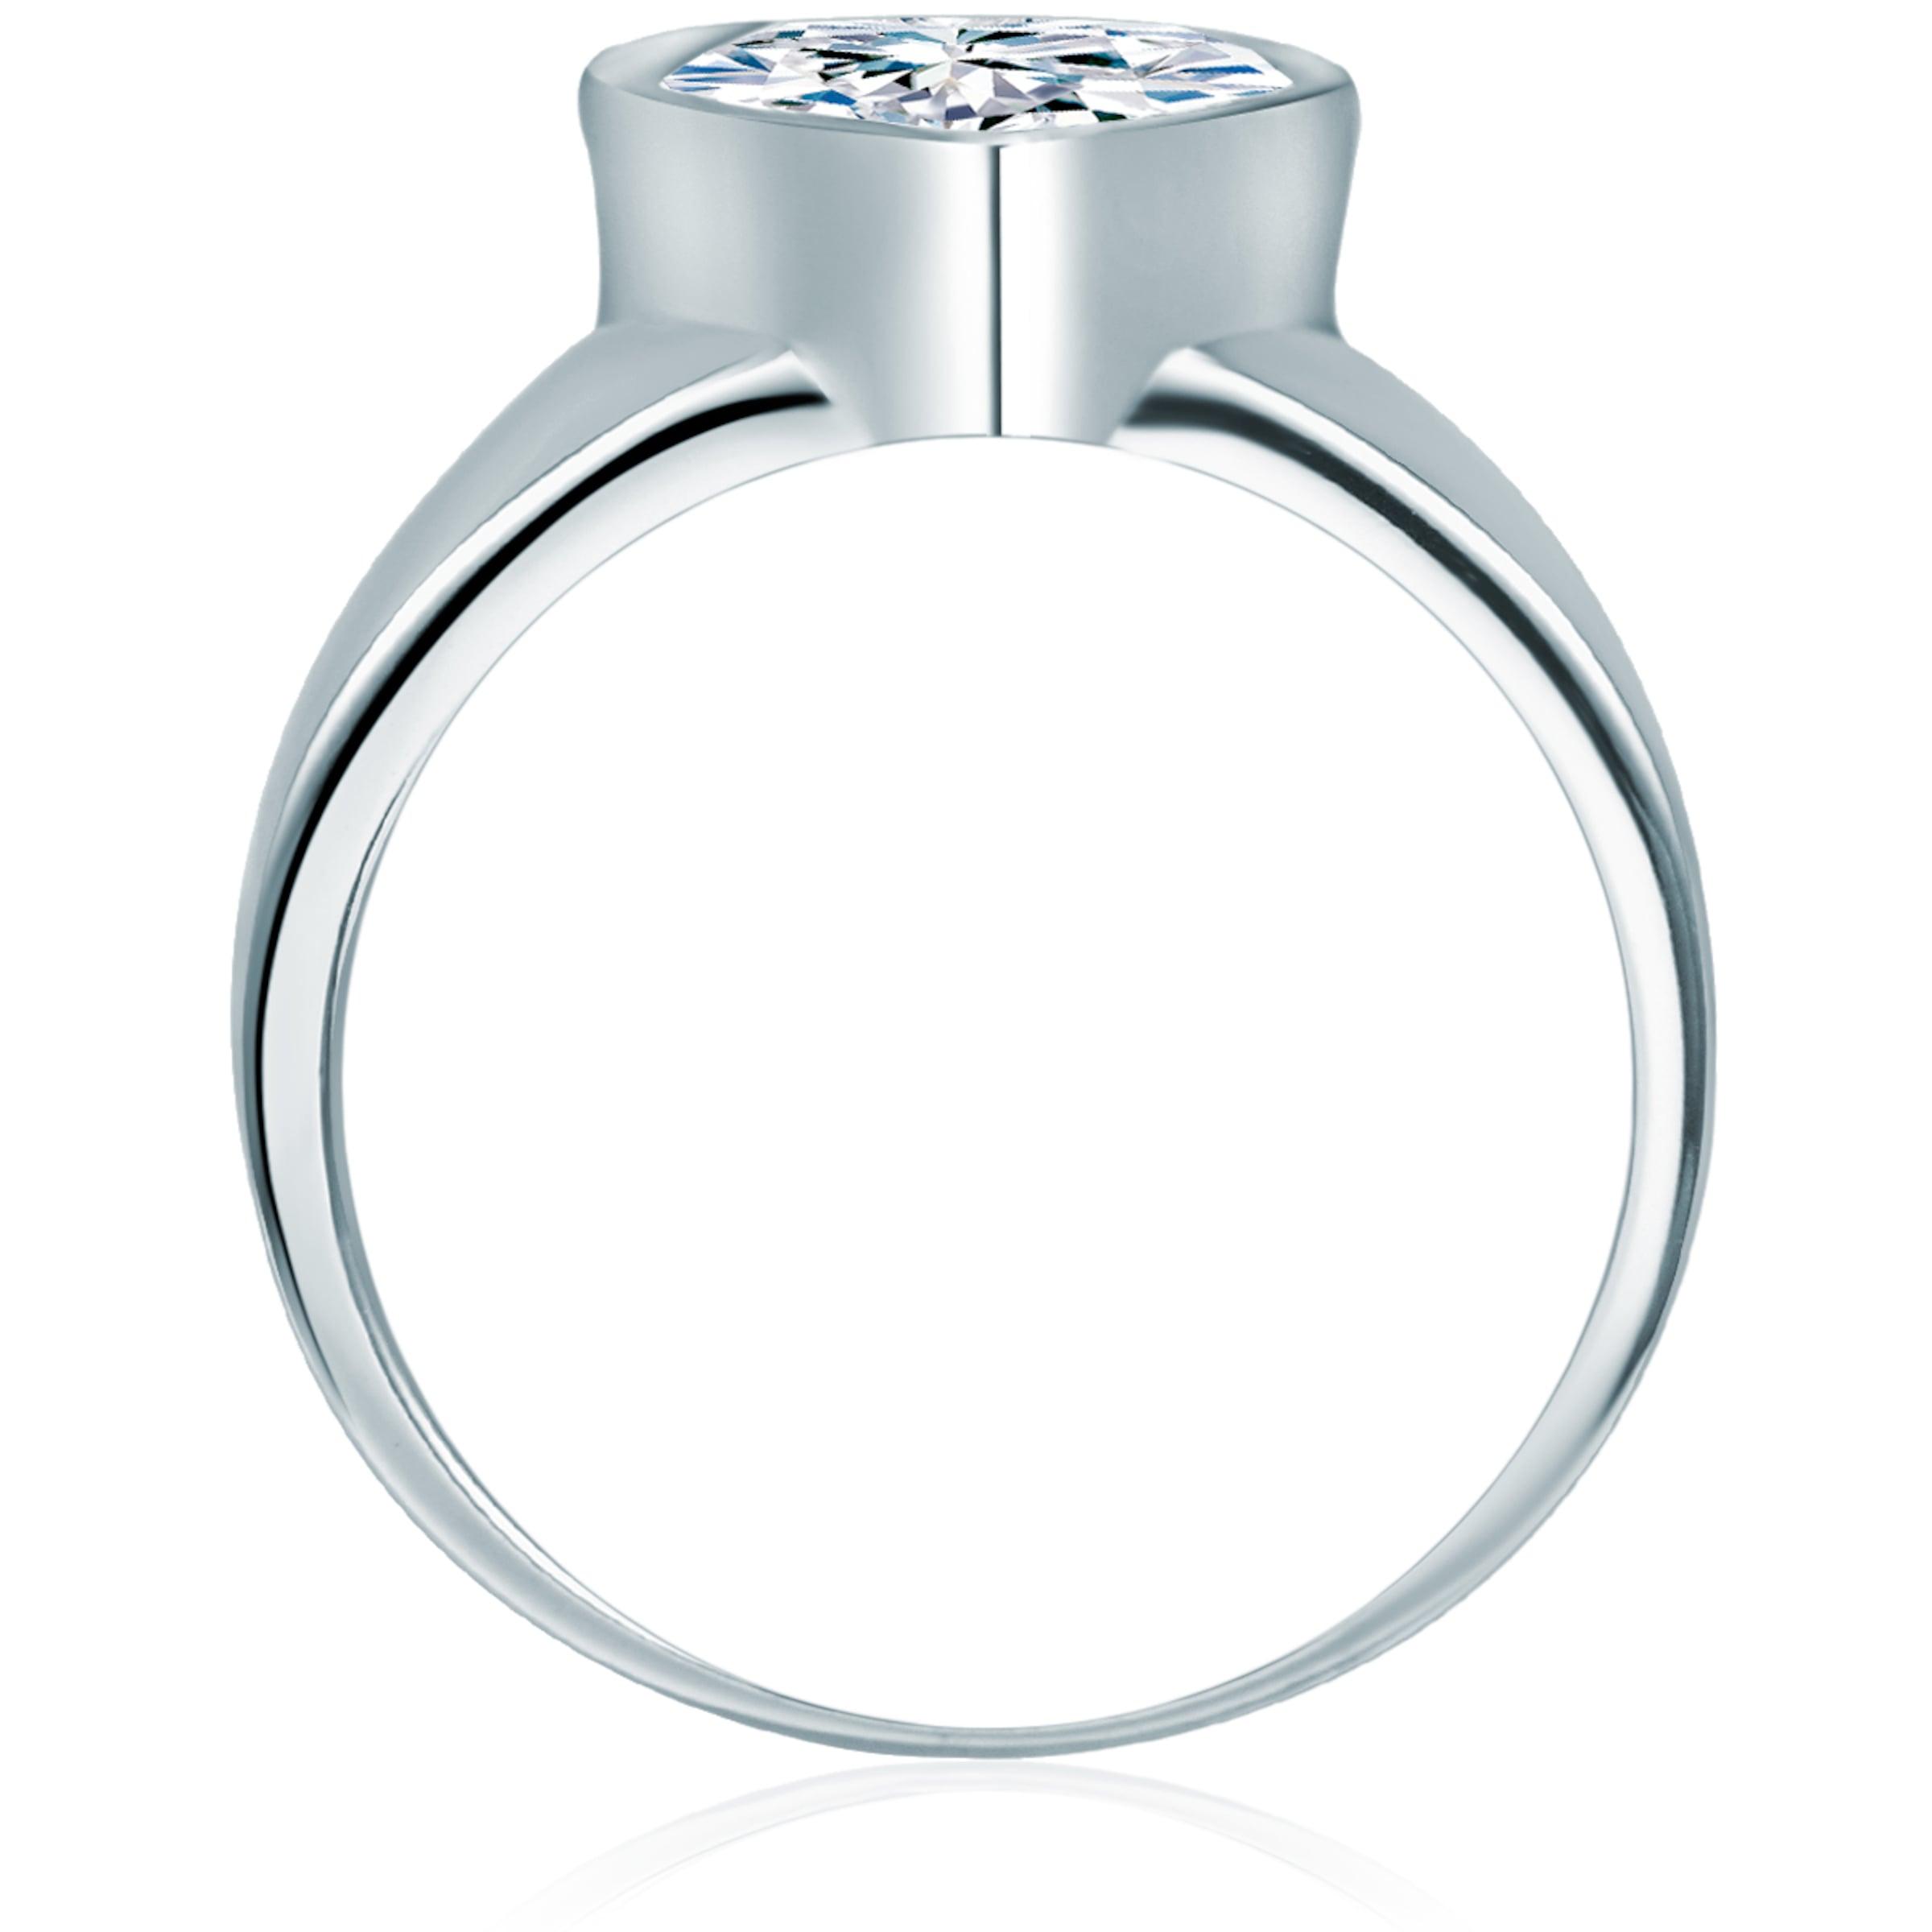 Silber Rafaela Donata Rafaela Ring In 7fv6gyYbI